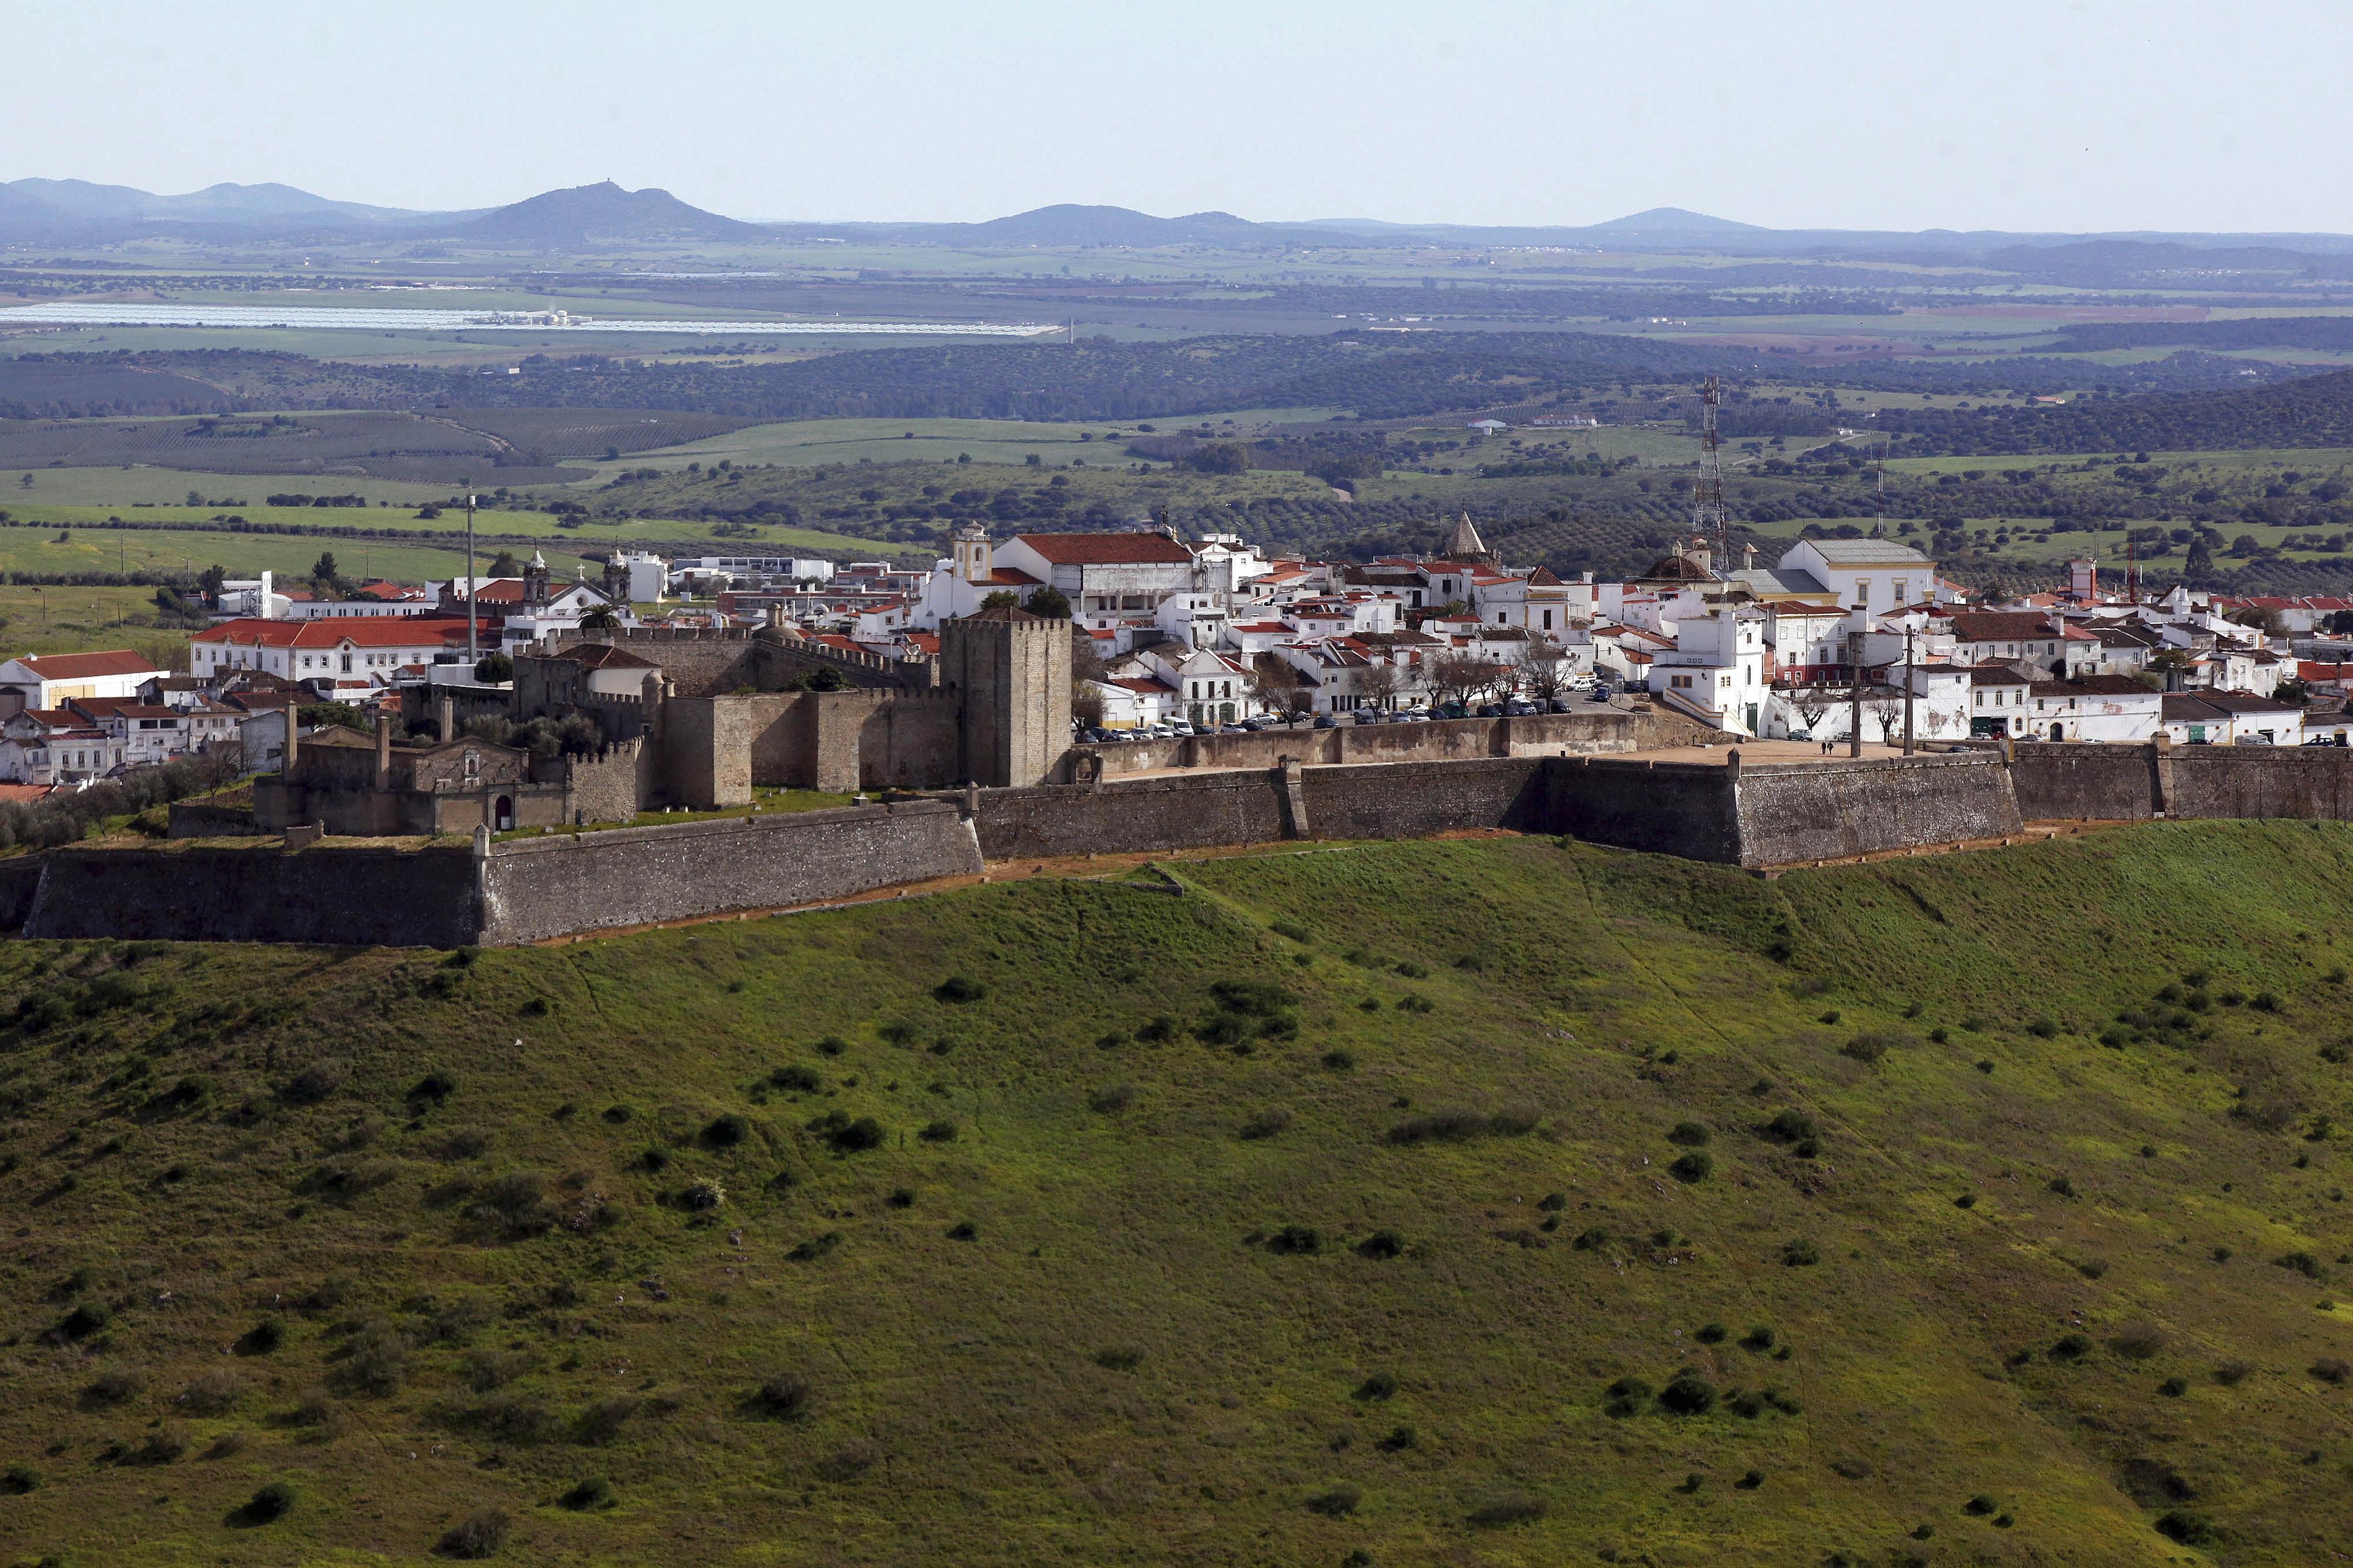 Elvas recebeu 1,2 milhões de turistas desde a distinção da UNESCO em 2012